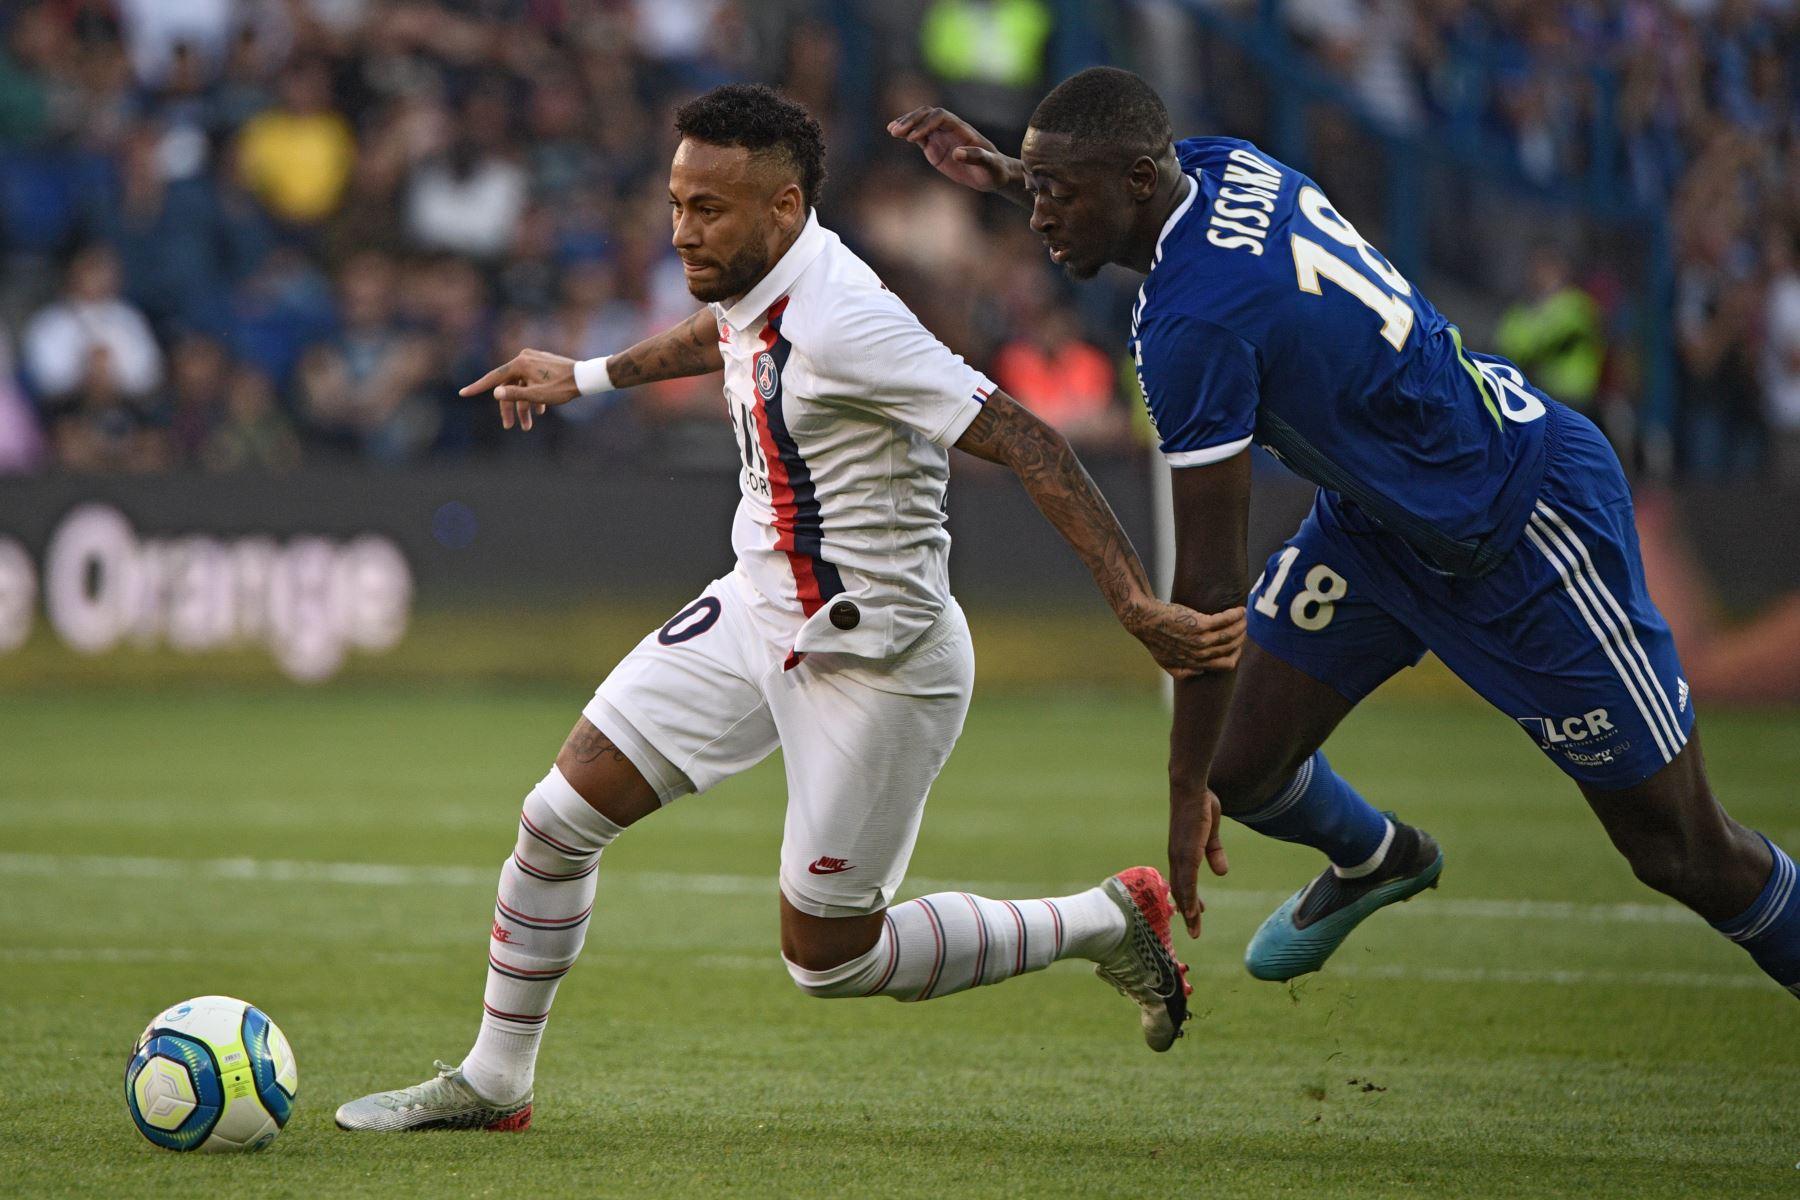 Astro brasileño Neymar le dio la victoria al PSG con gran actuación. Ibrahima Sissoko del Racing de Estrasburgo intenta poseer el balón. Foto: AFP